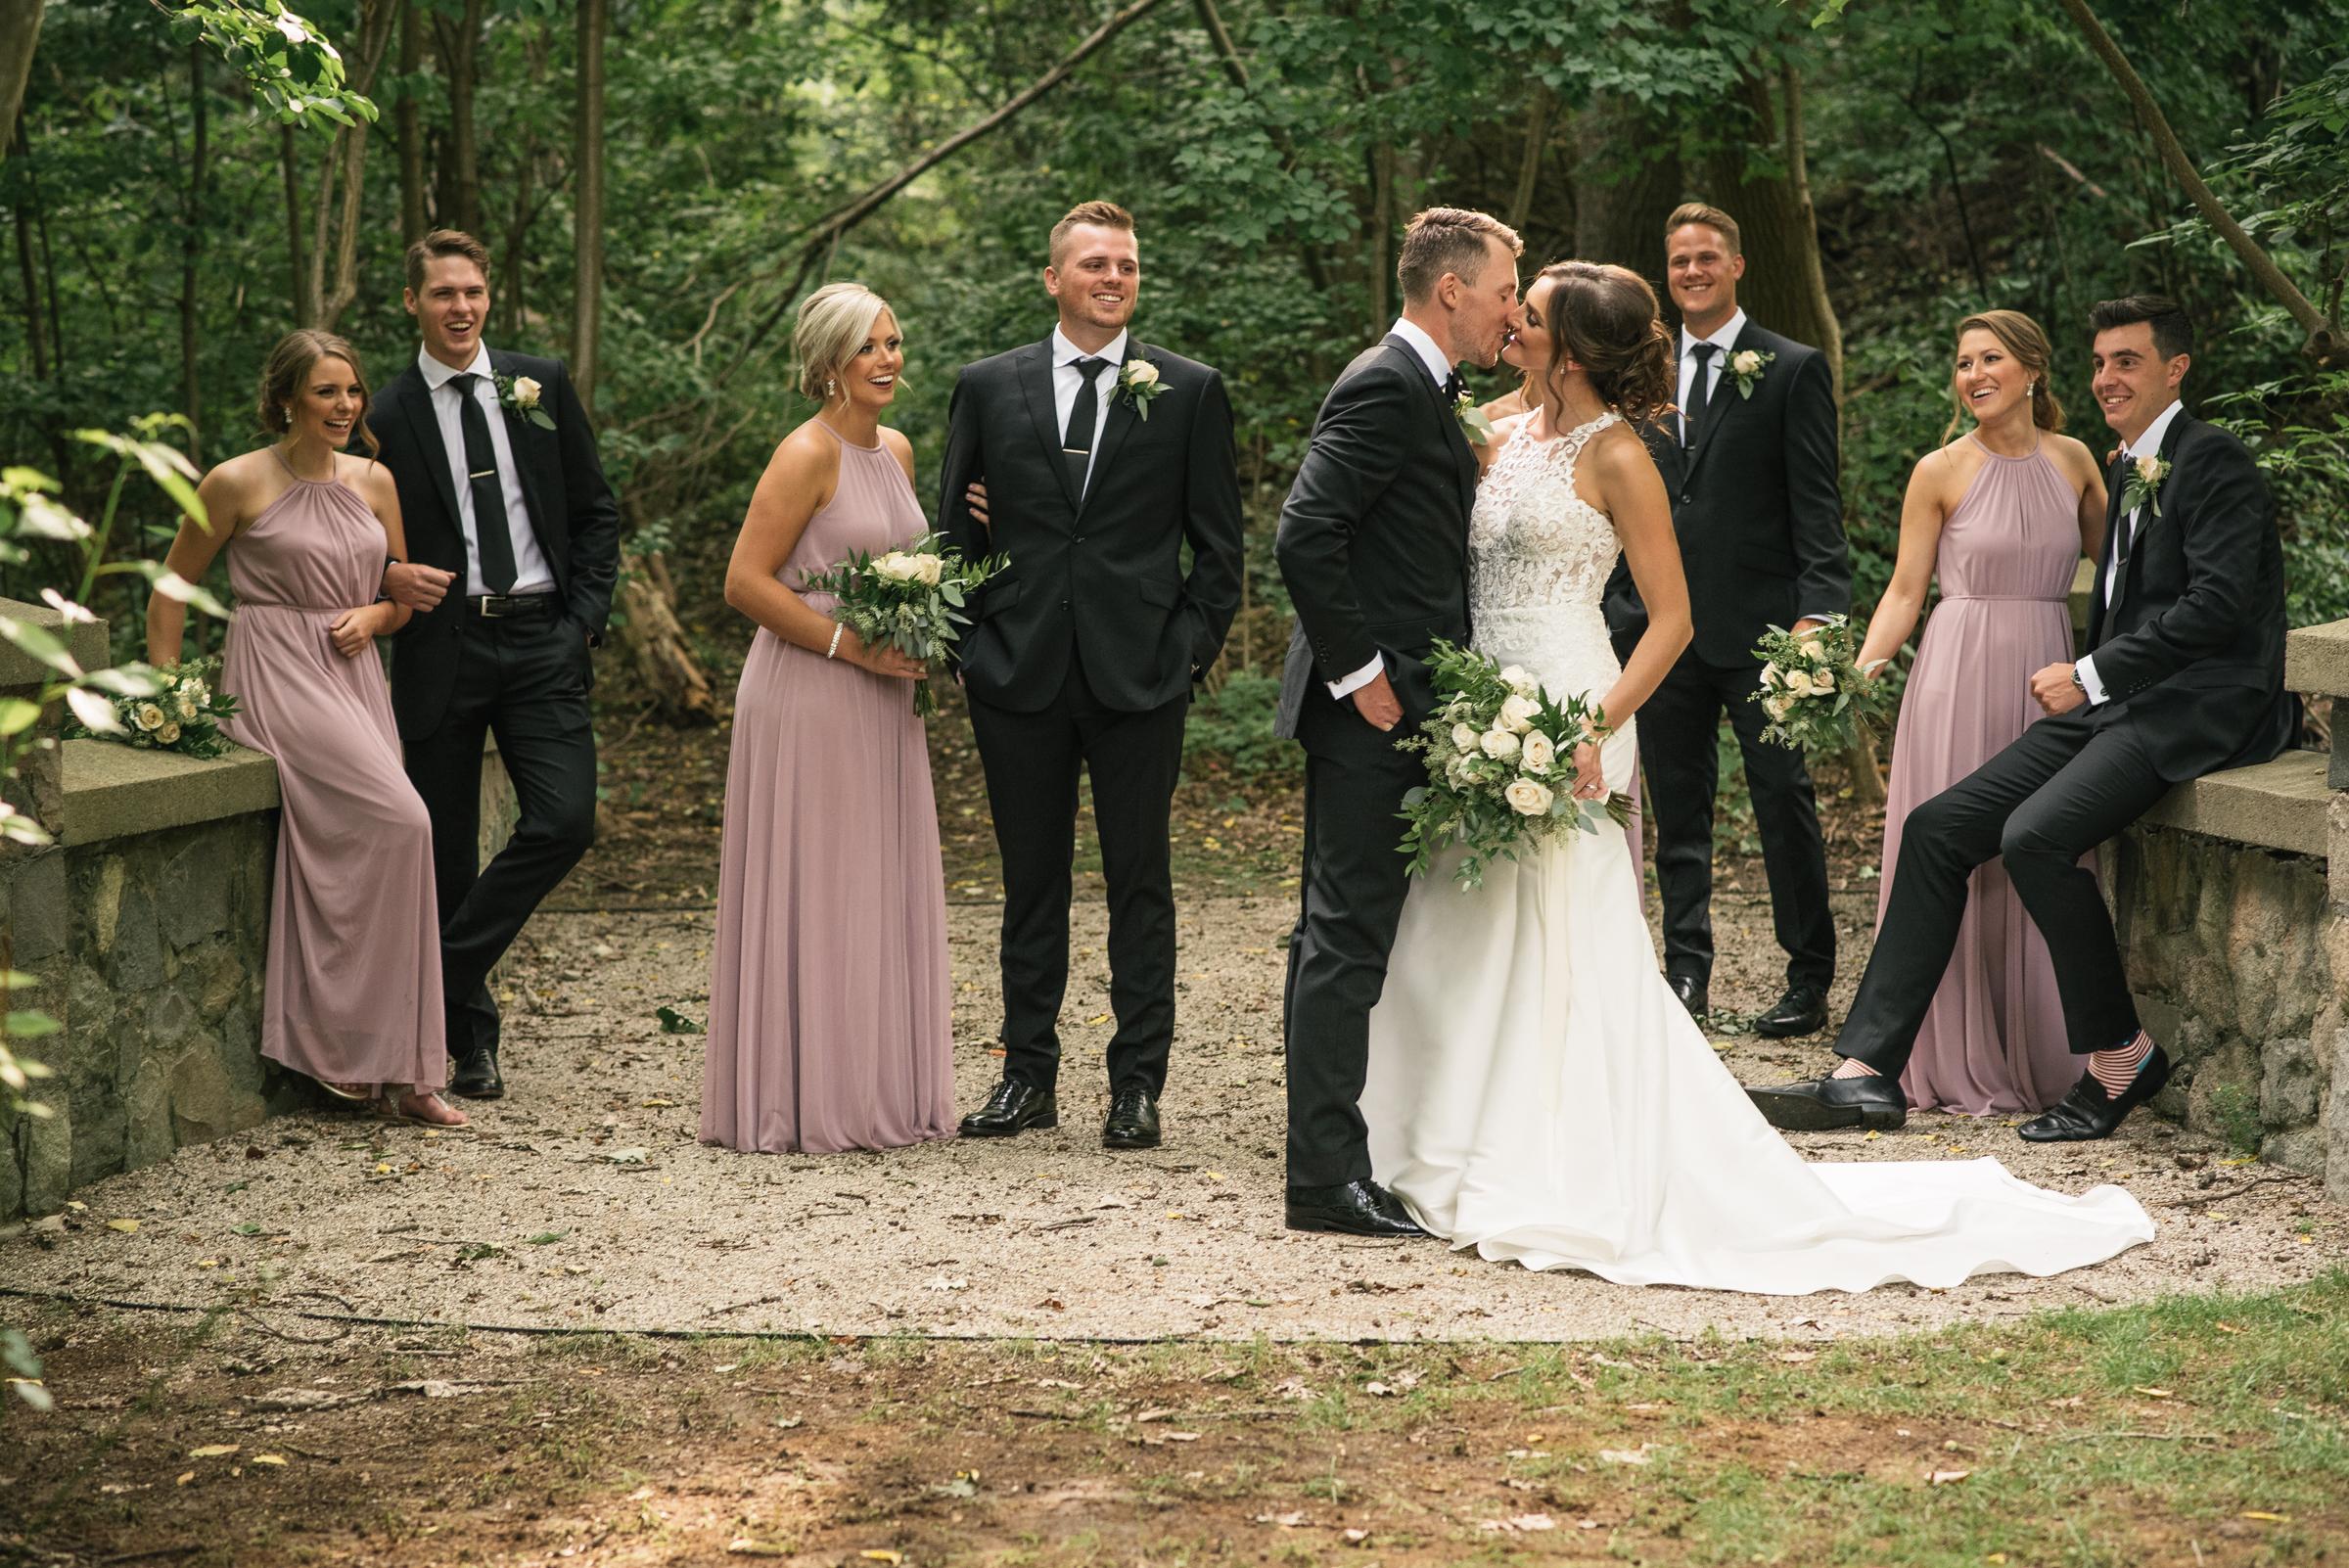 180824_KatieJake_Wedding_DSC_7817_Web.jpg